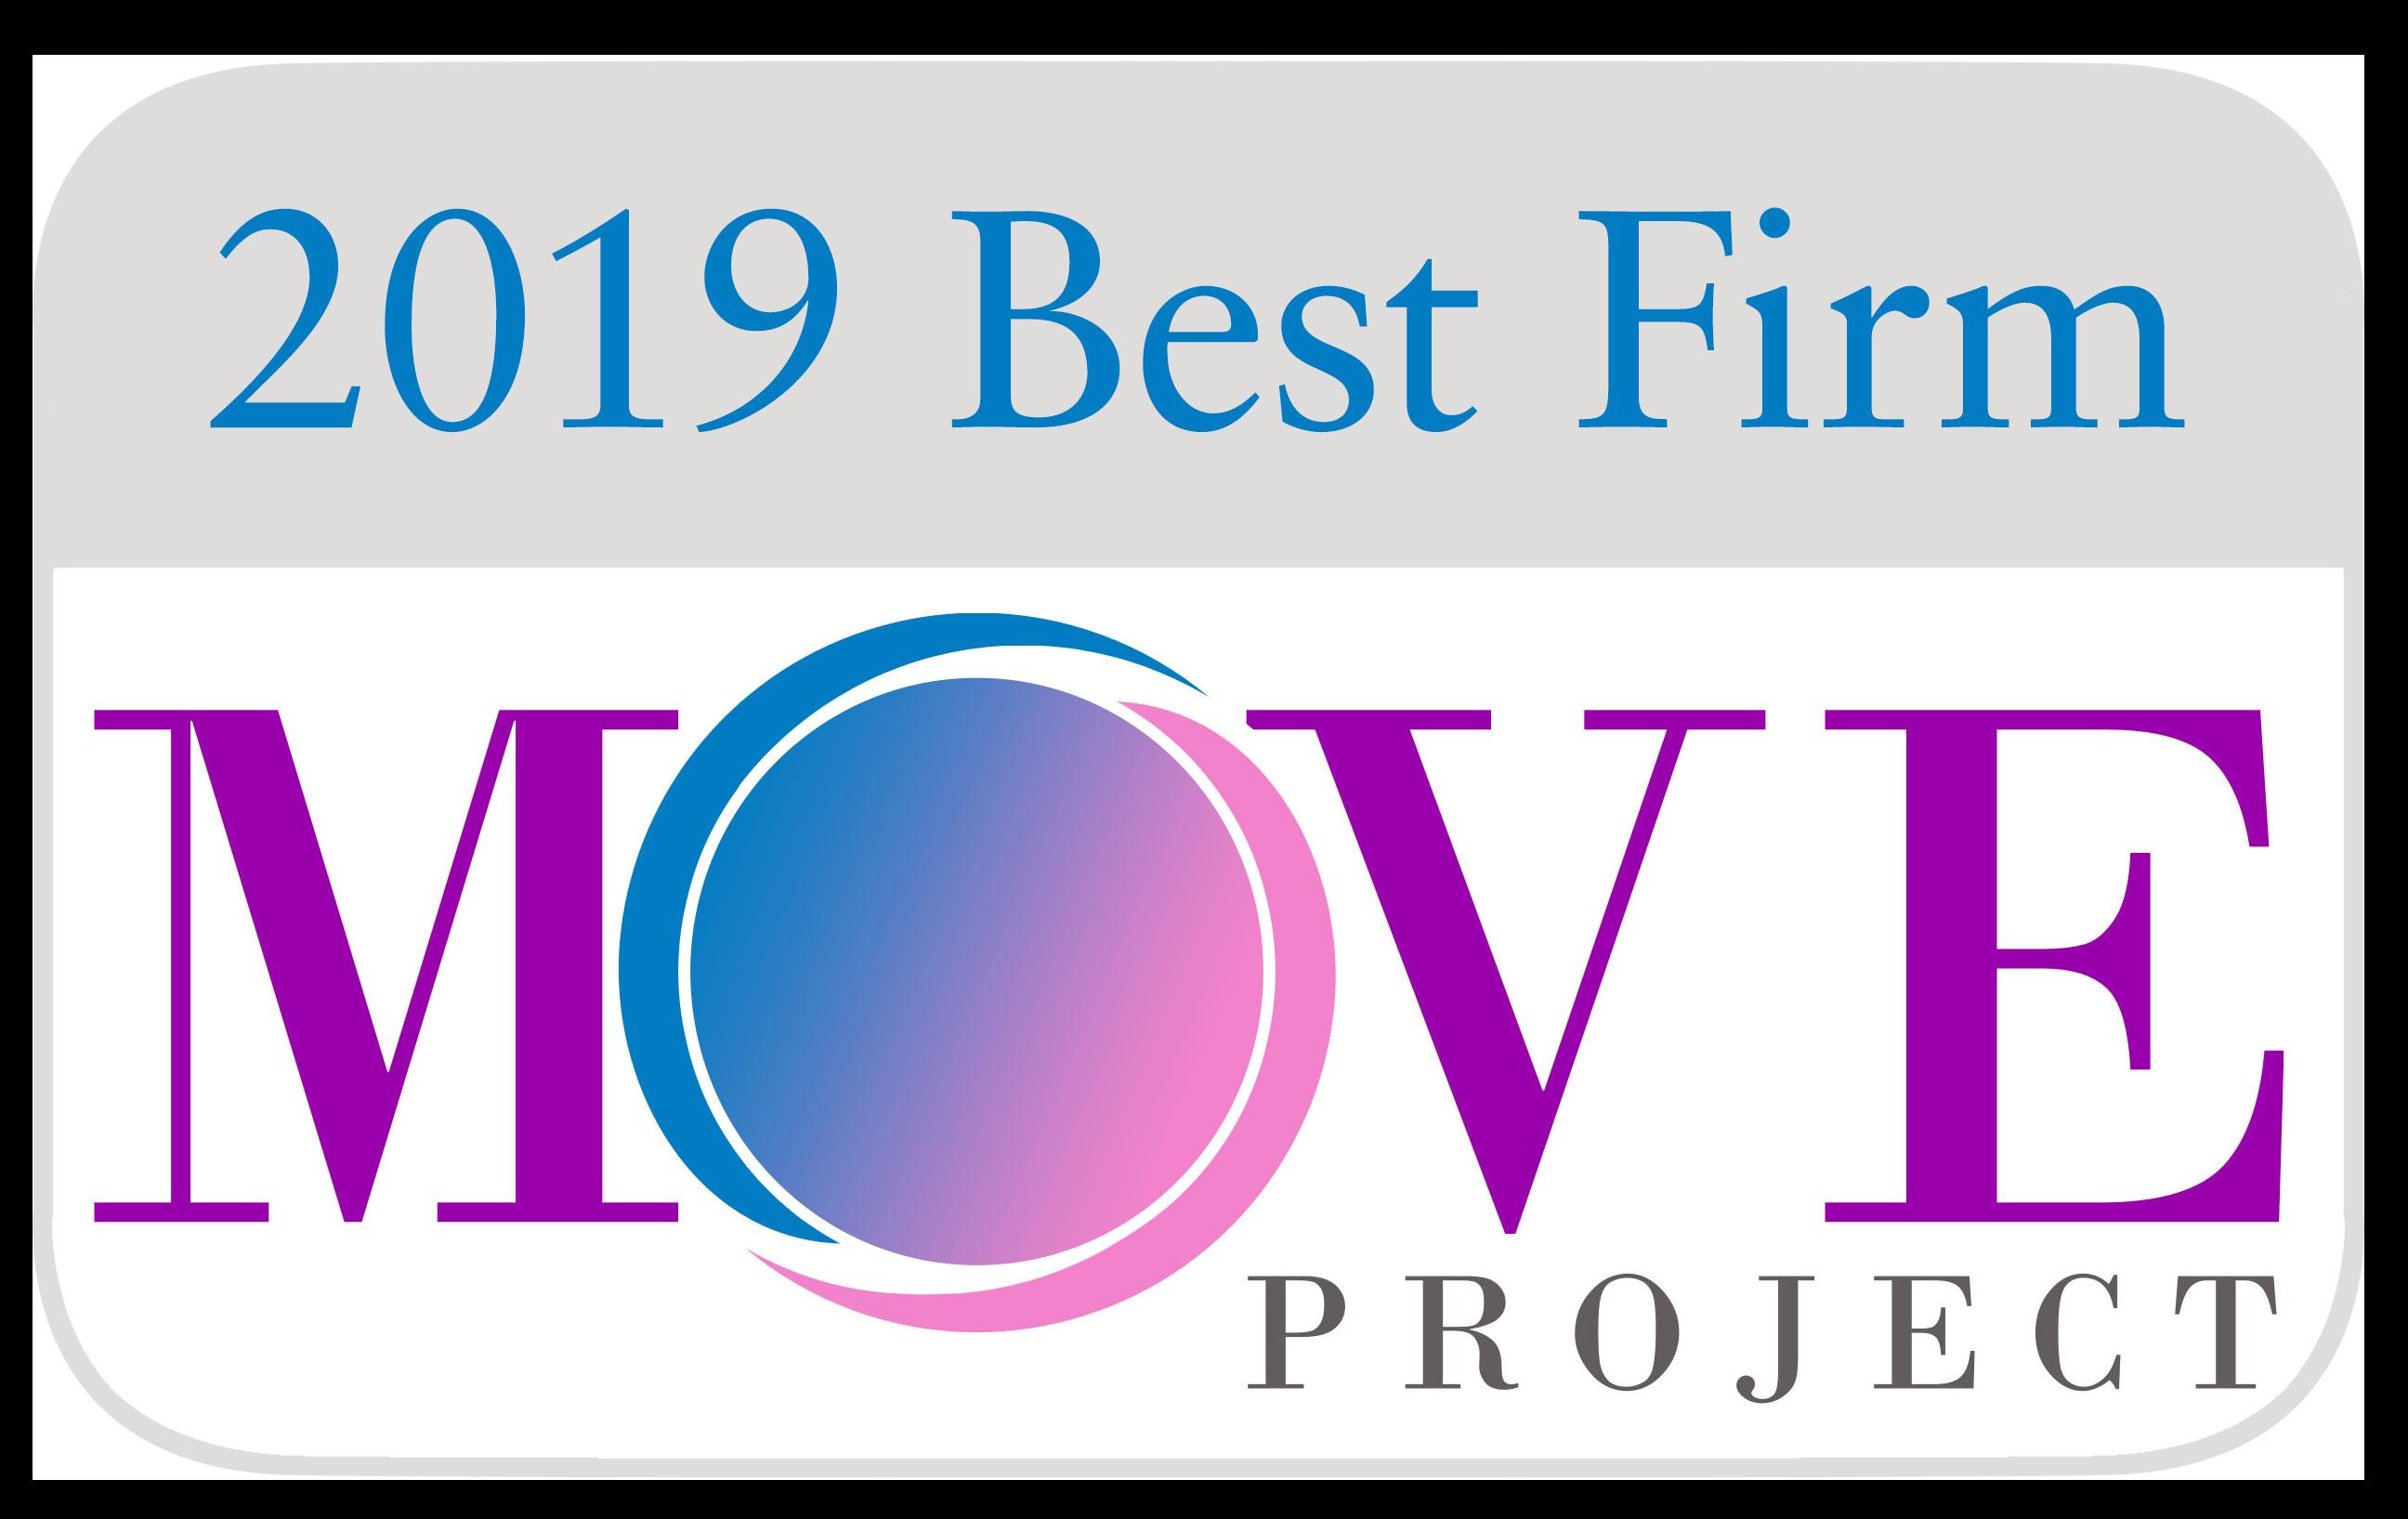 2019 best firm